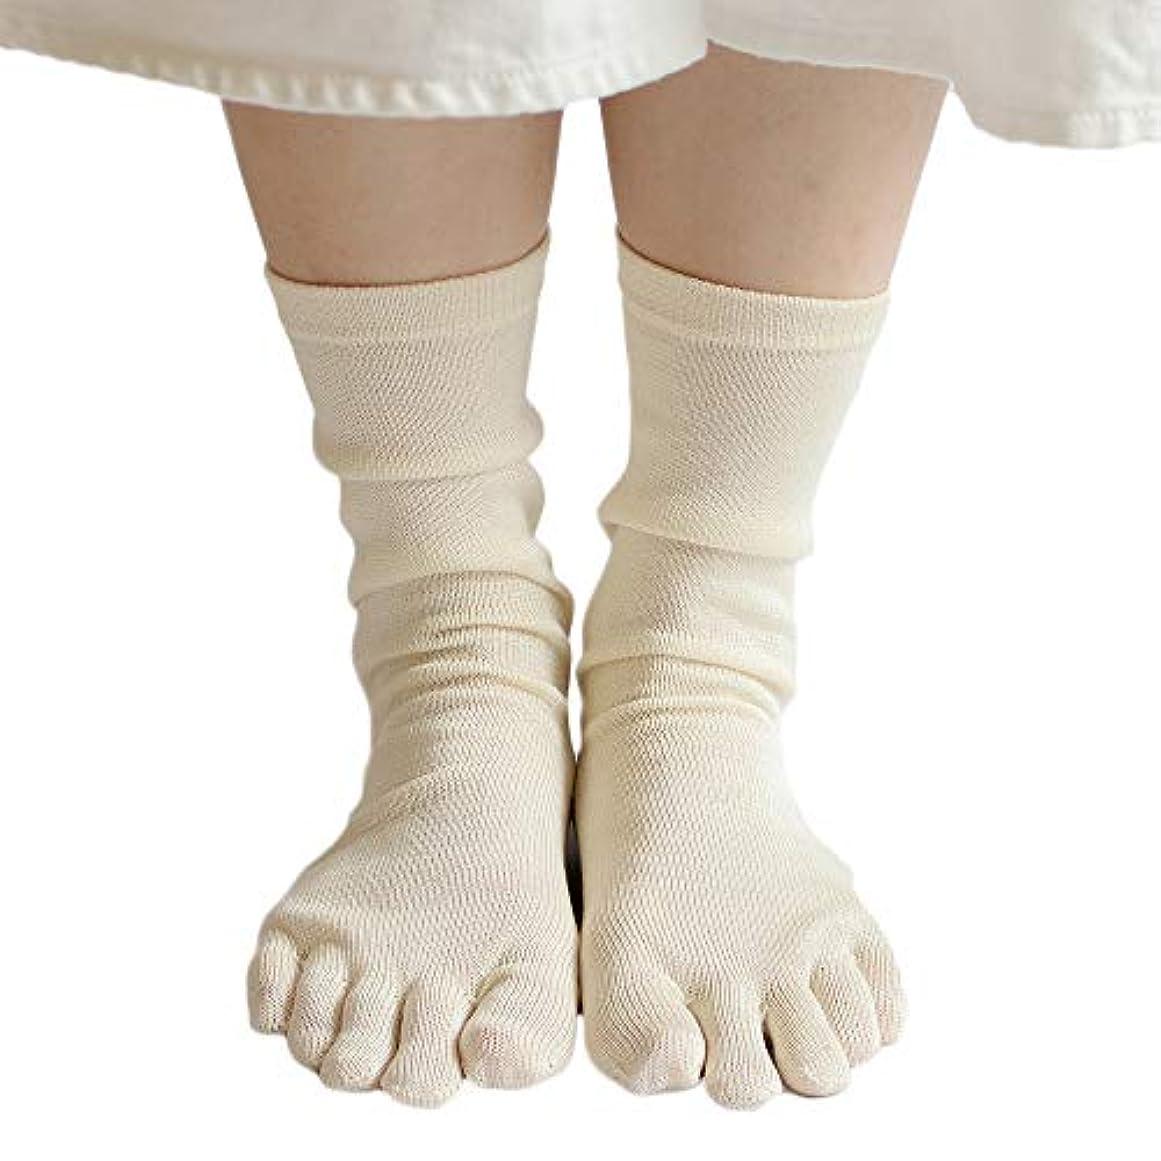 スティック悪意のある属性タイシルク 100% 五本指 ソックス 3足セット かかとあり 上質なシルクを100%使用した薄手靴下 重ね履きのインナーソックスや冷えとりに